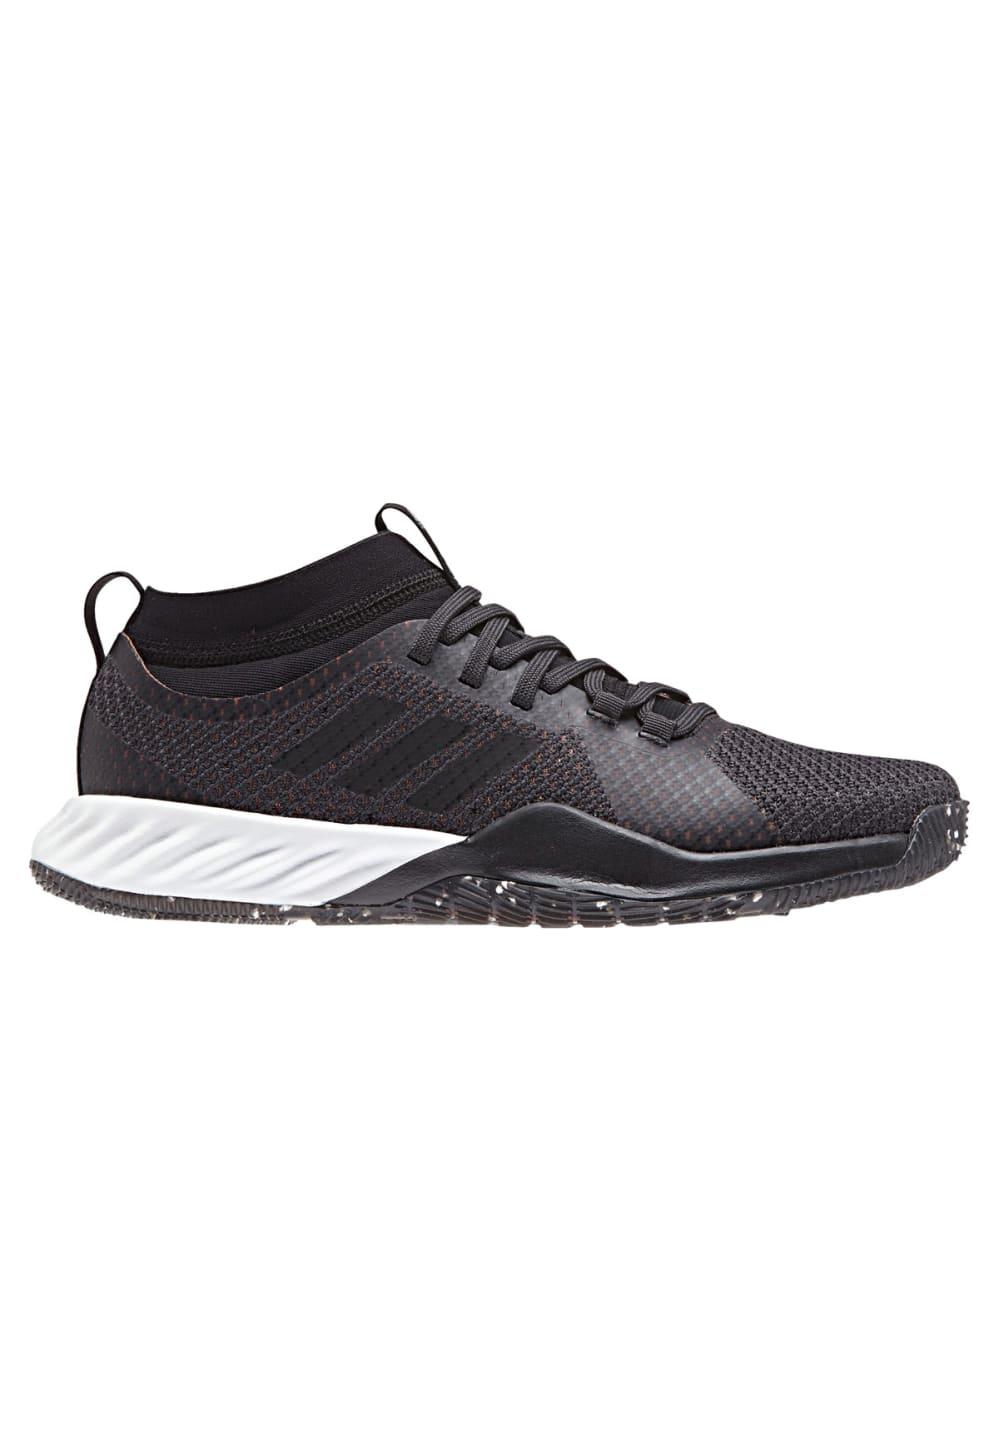 542154384acf28 Adidas. adidas Crazytrain Pro 3.0 - Fitnessschuhe für Damen - Schwarz